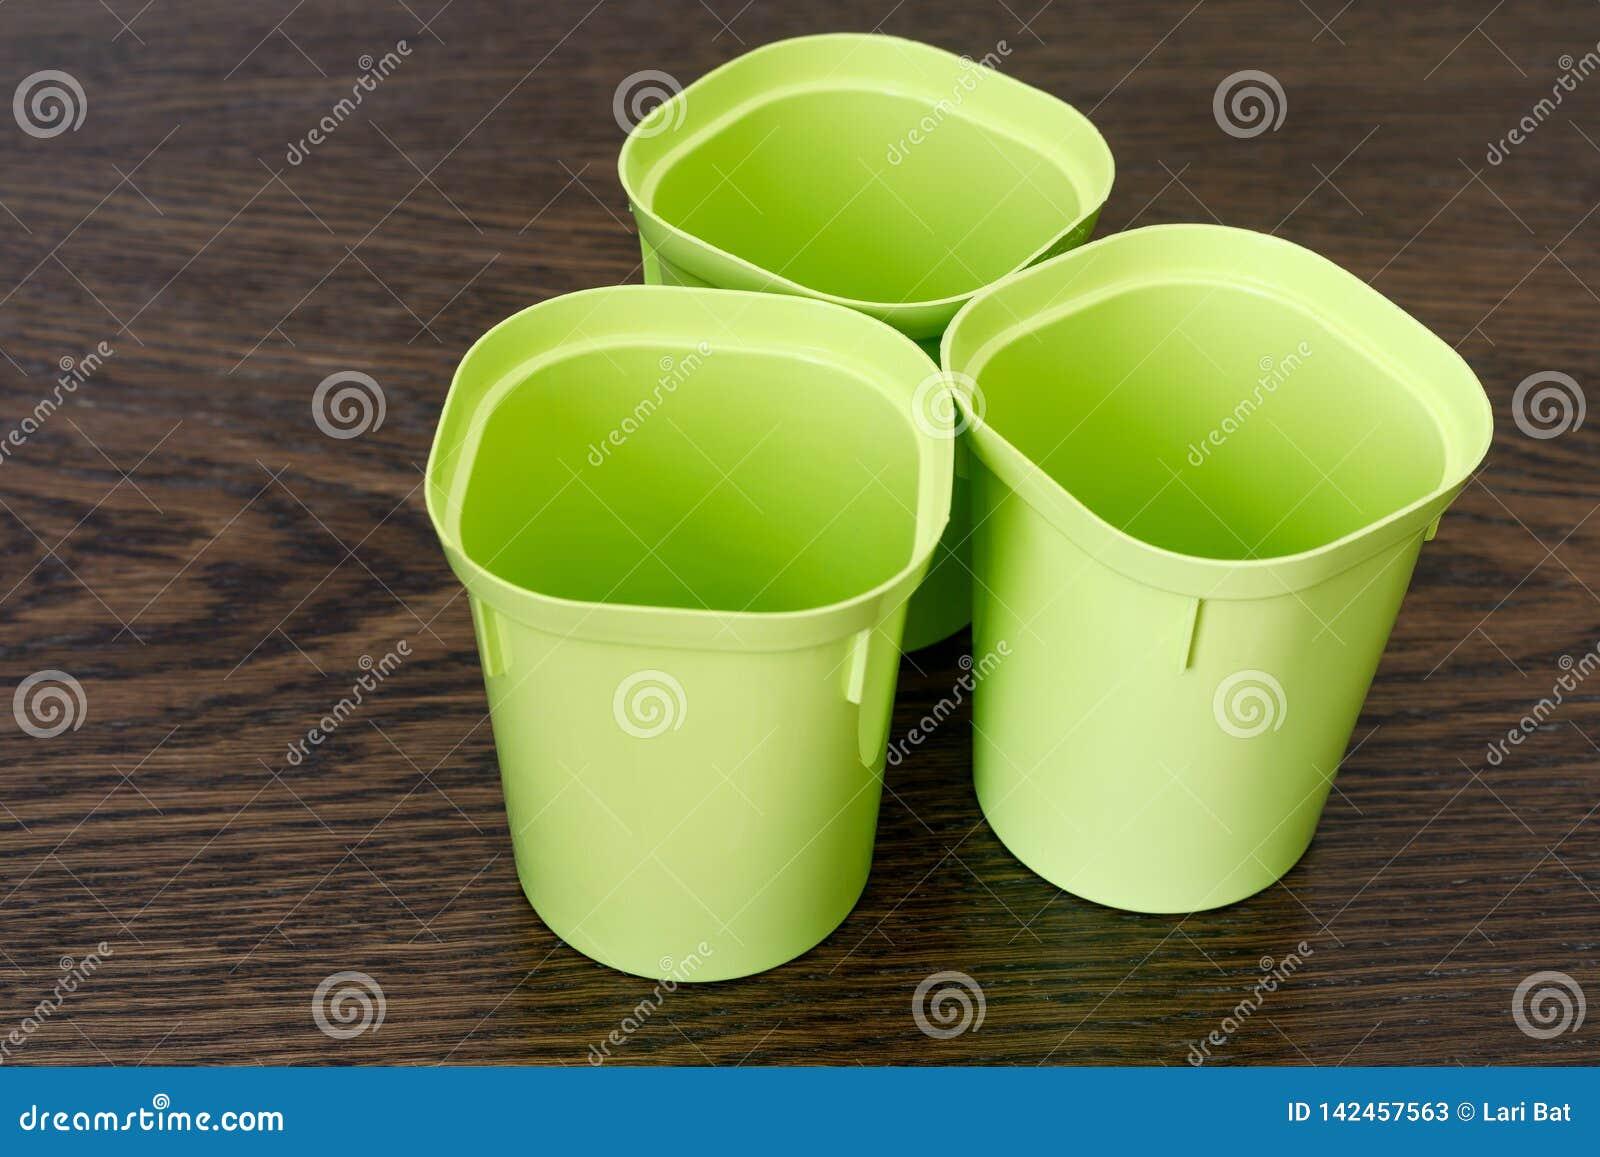 Drie lege plastic koppen voor zaailingen Bloementeeltpunten